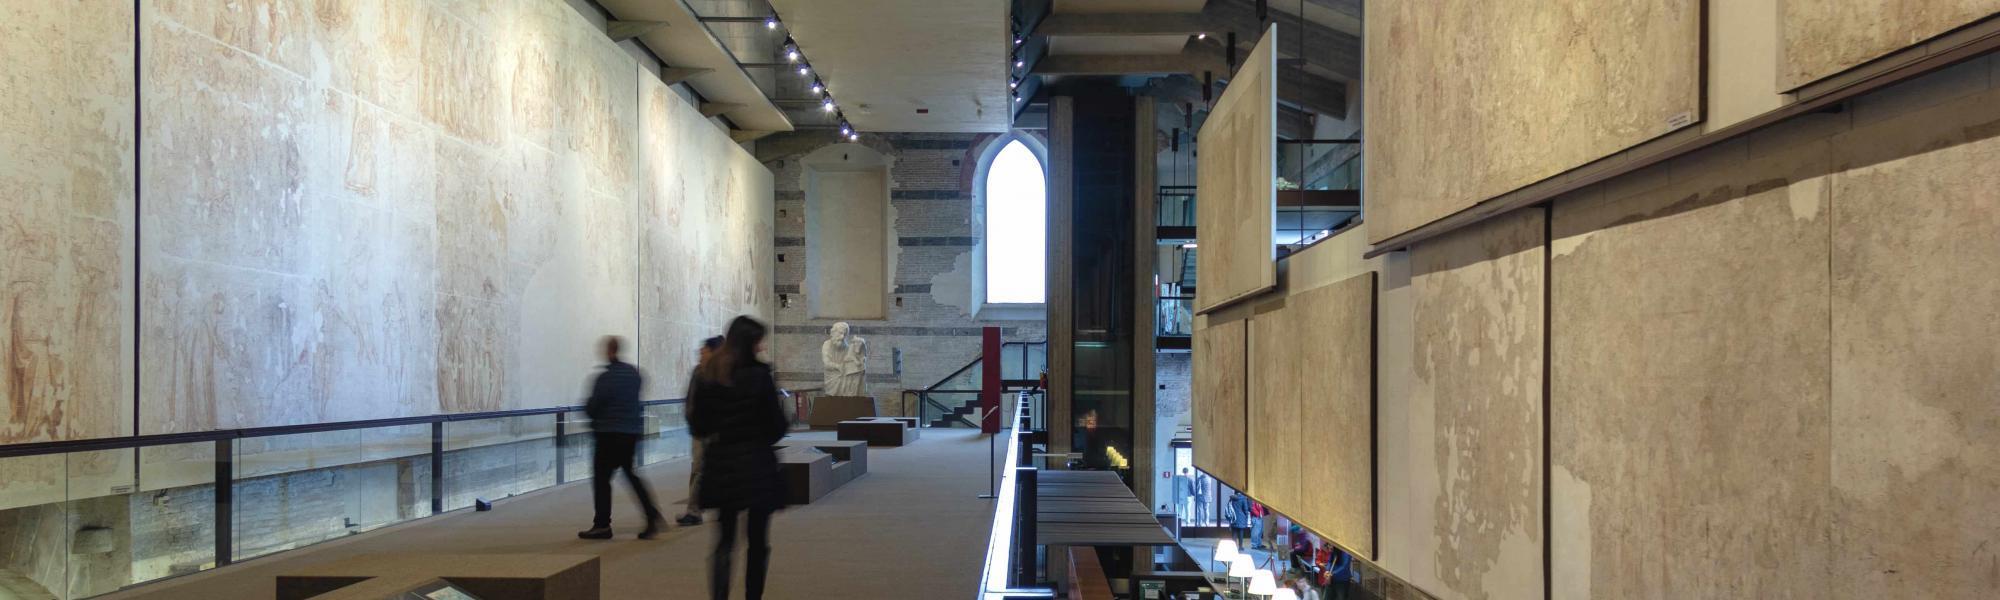 Interno - Museo delle Sinopie (Opera Primaziale di Pisa)